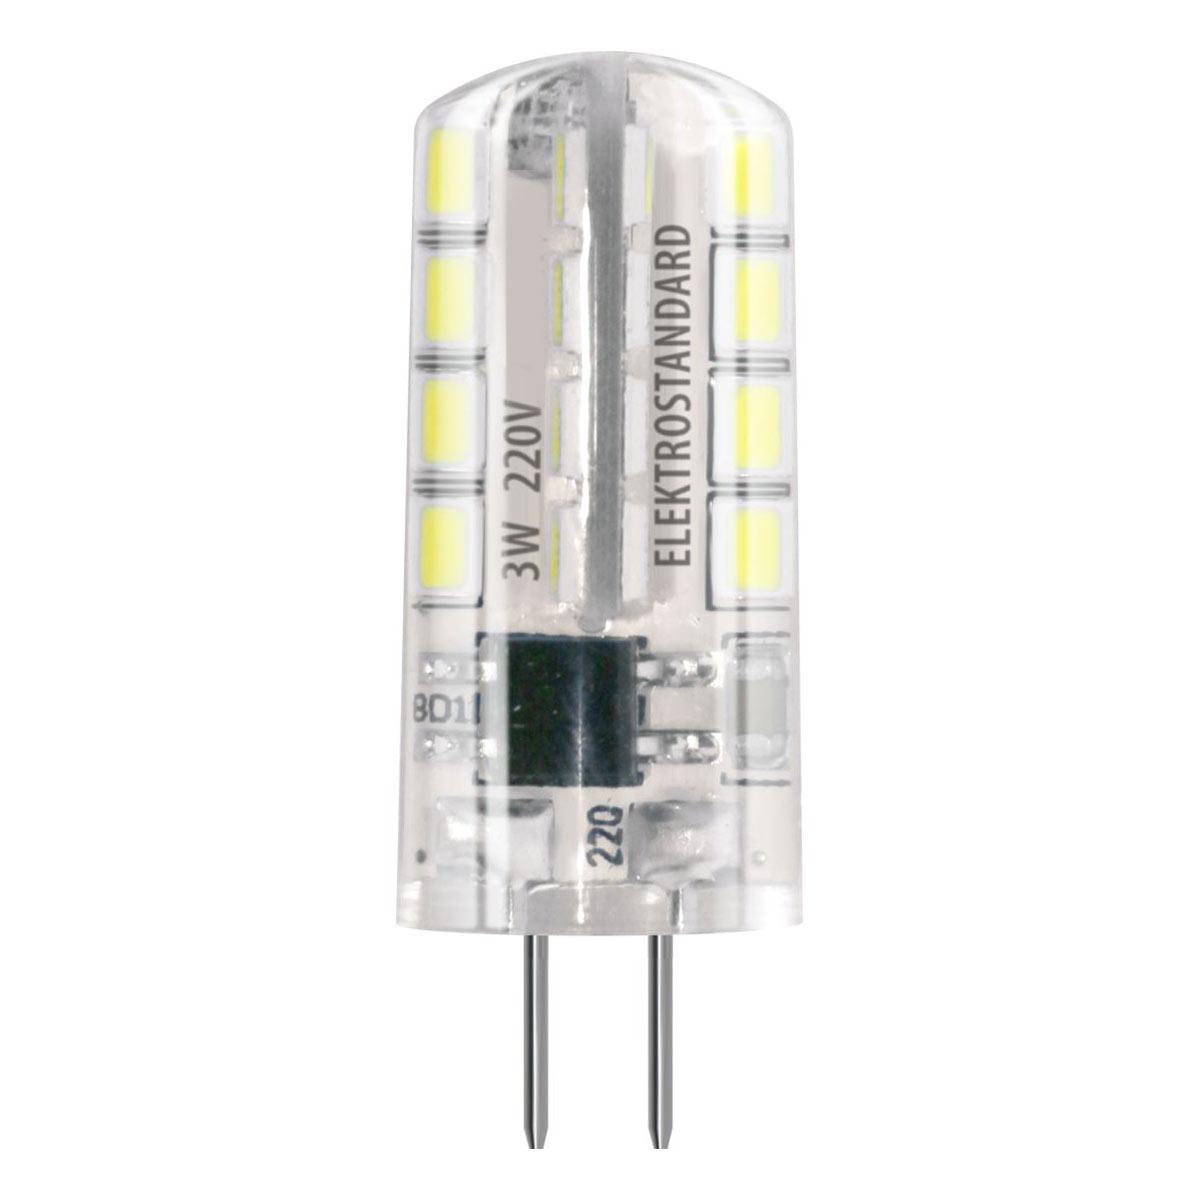 Лампа LED - G4 SMD 3W AC 220V 360C 3300K